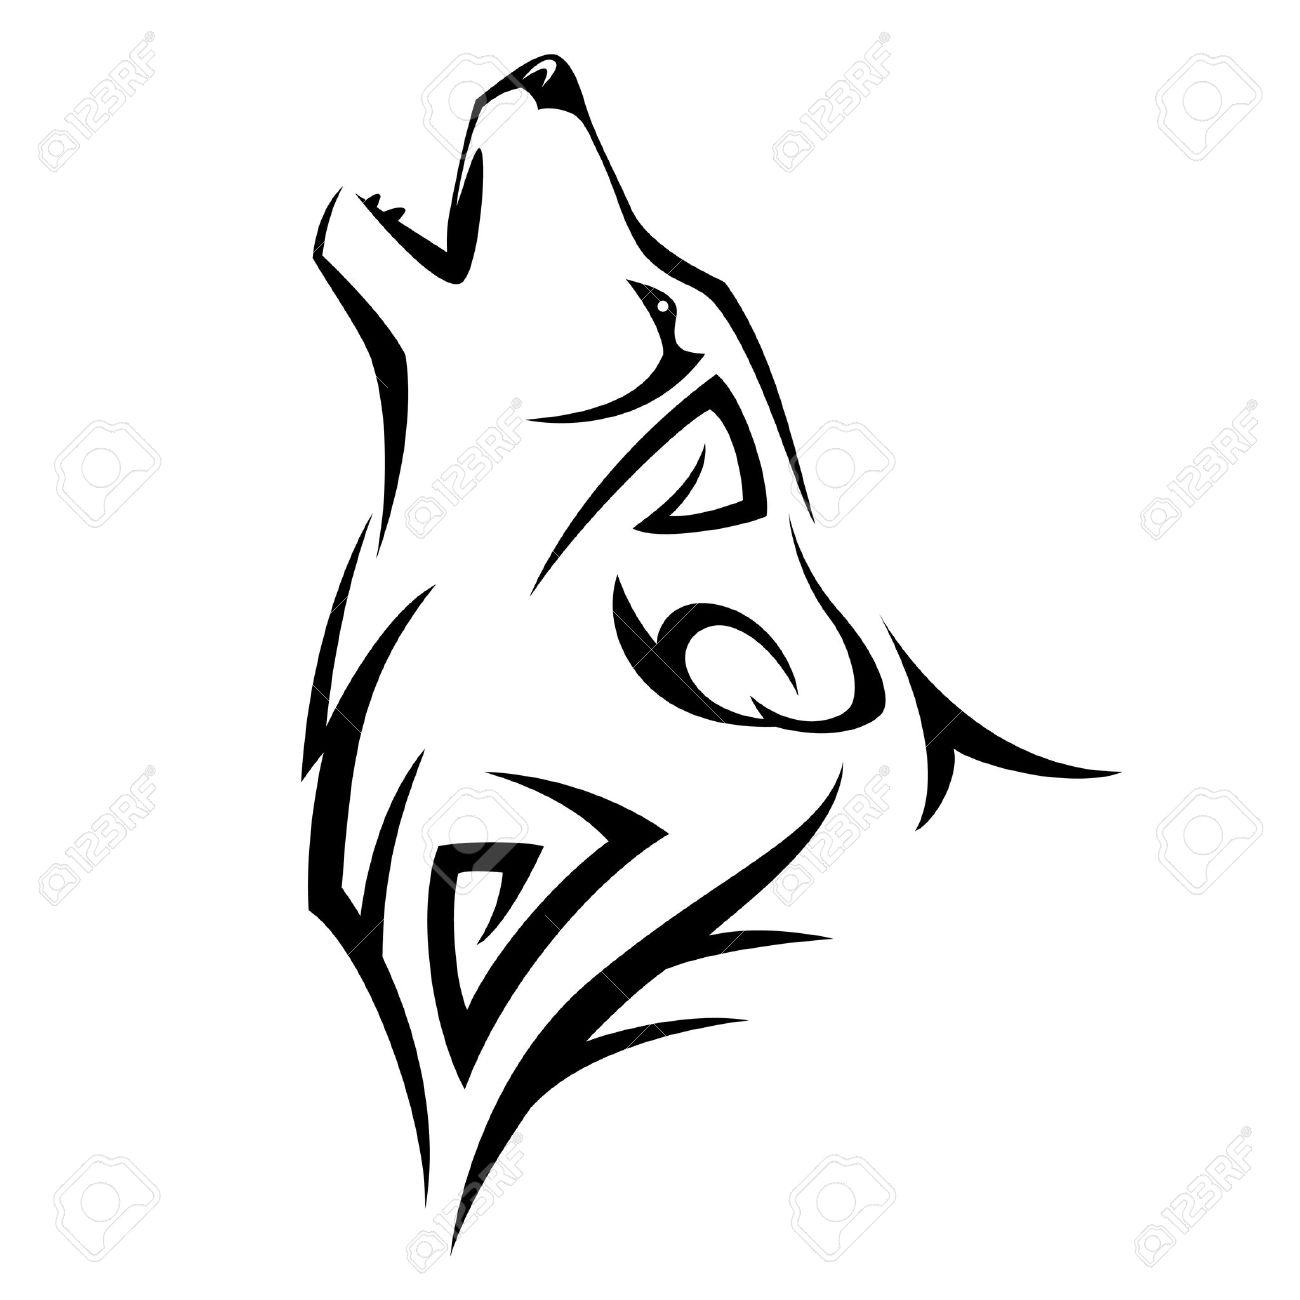 ハウル狼タトゥー トライバル デザイン イラストのイラスト素材ベクタ